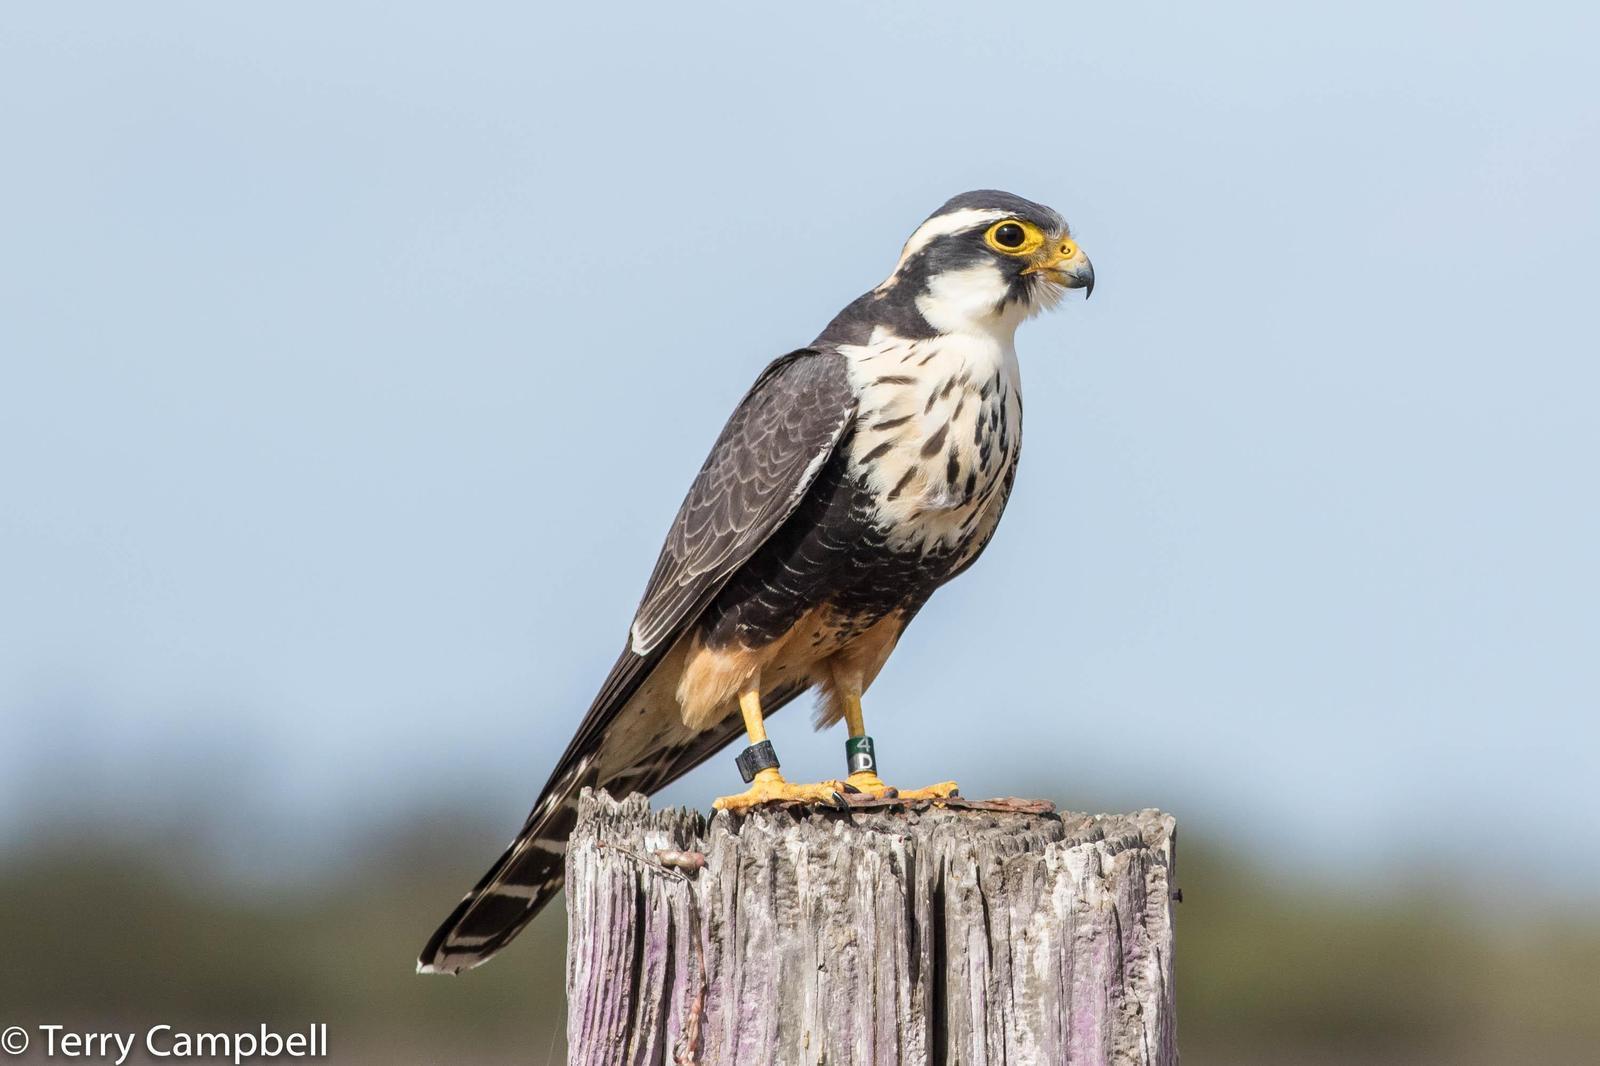 Aplomado Falcon Photo by Terry Campbell